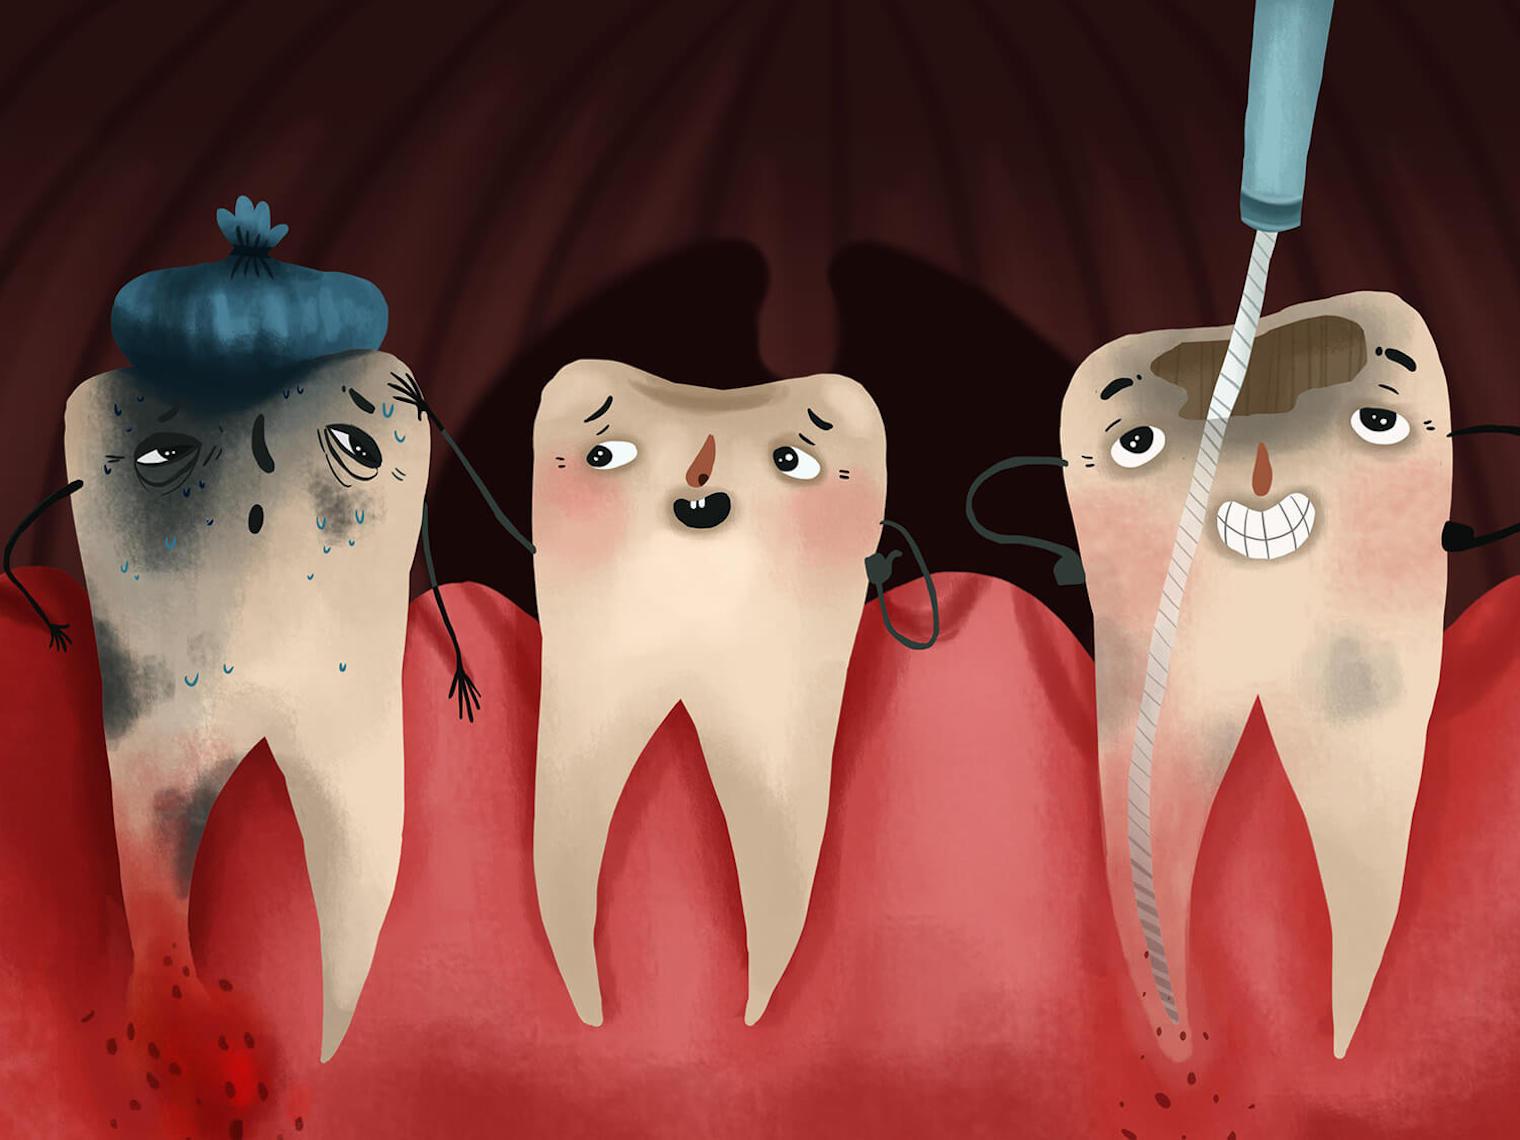 根管治療的目標:恢復牙周組織健康;加強根管內清潔,降低日後復發機率;重建牙齒。根管後若無牙套或齒雕保護,五年牙裂機率高達80%。